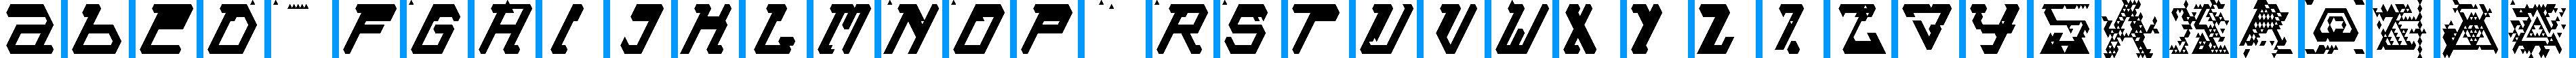 Particip-a-type v.227